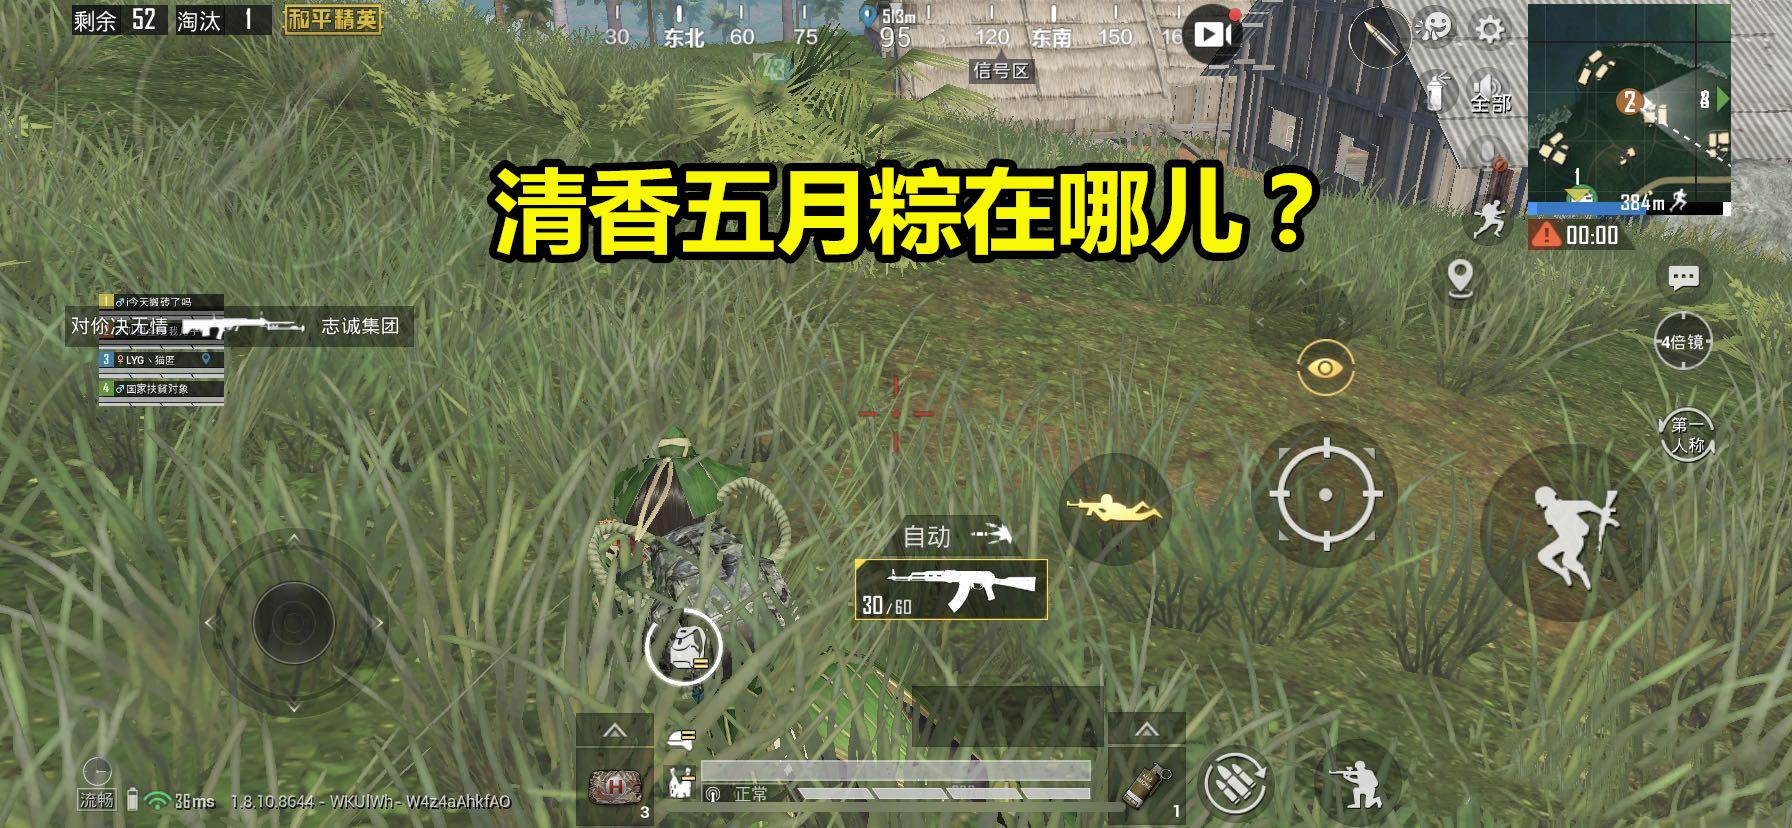 《【合盈国际在线平台】吃鸡玩家抽到清香五月粽,穿上护甲后发现了隐藏功能,赚大了!》